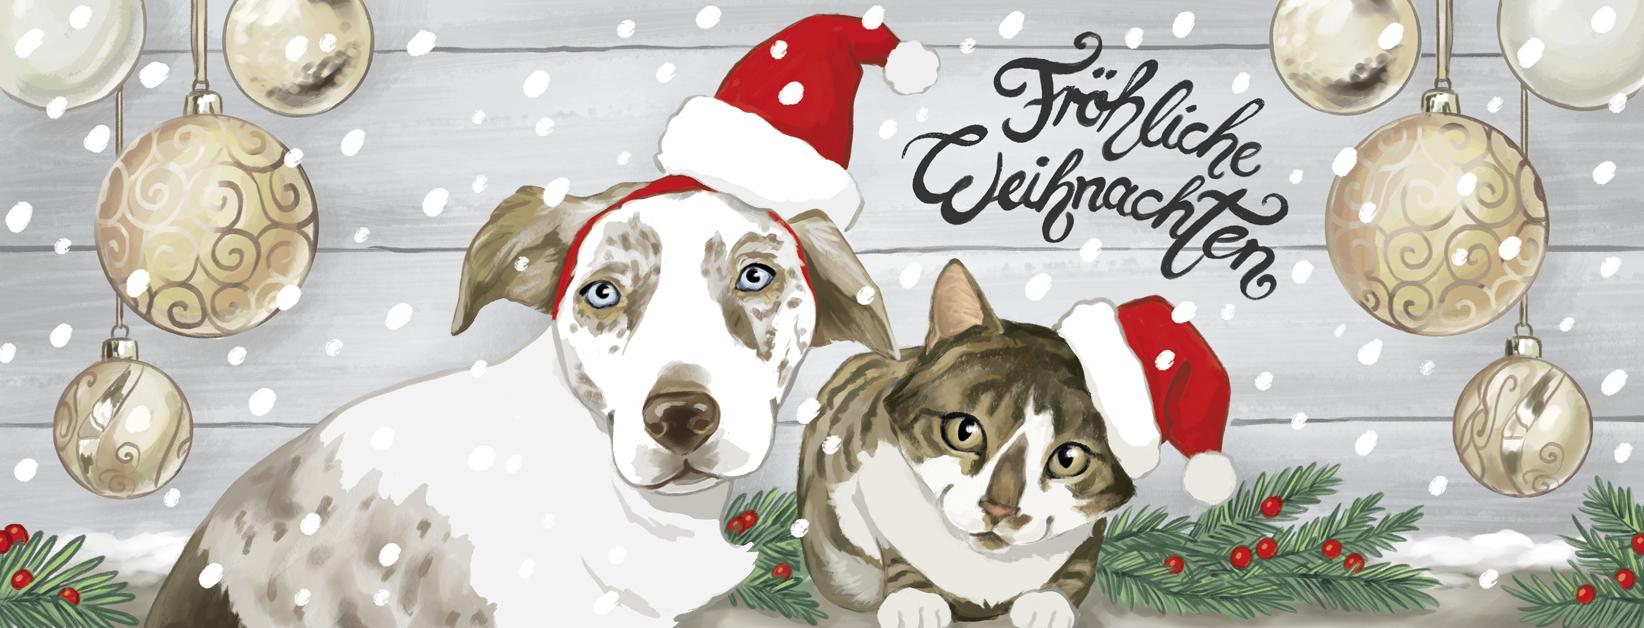 181203_weihnachtstitel_fb2.jpg